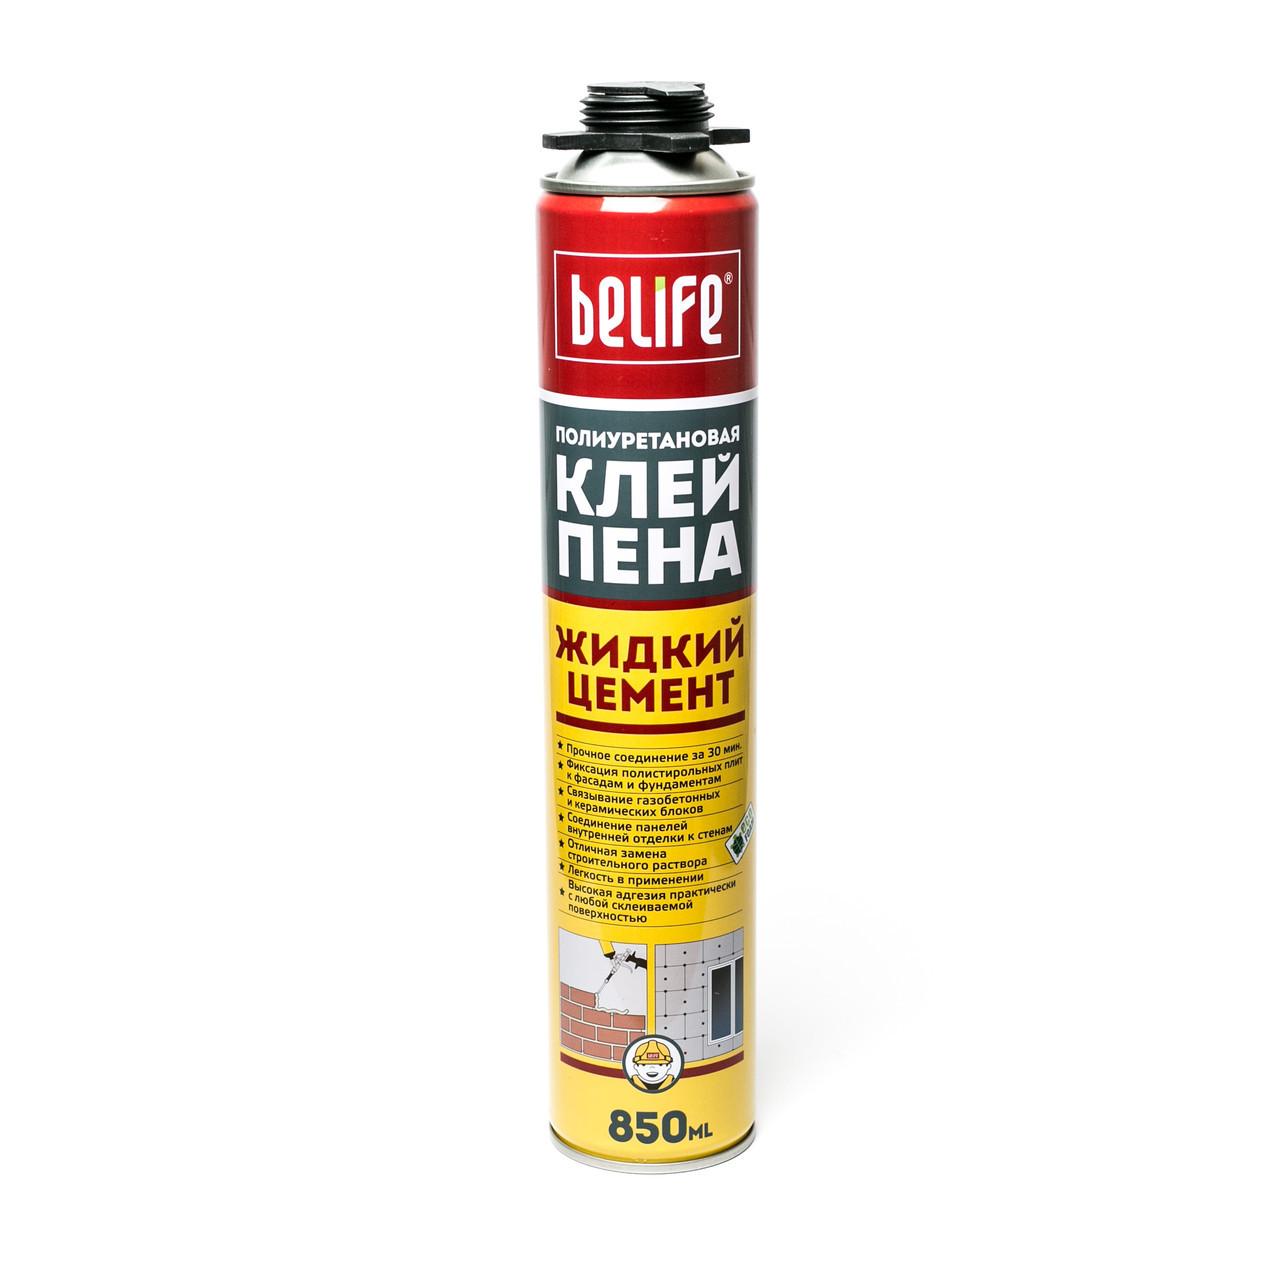 """Поліуретанова клей-піна для пінополістирольних плит ТМ """"Belife"""" 850 ml"""